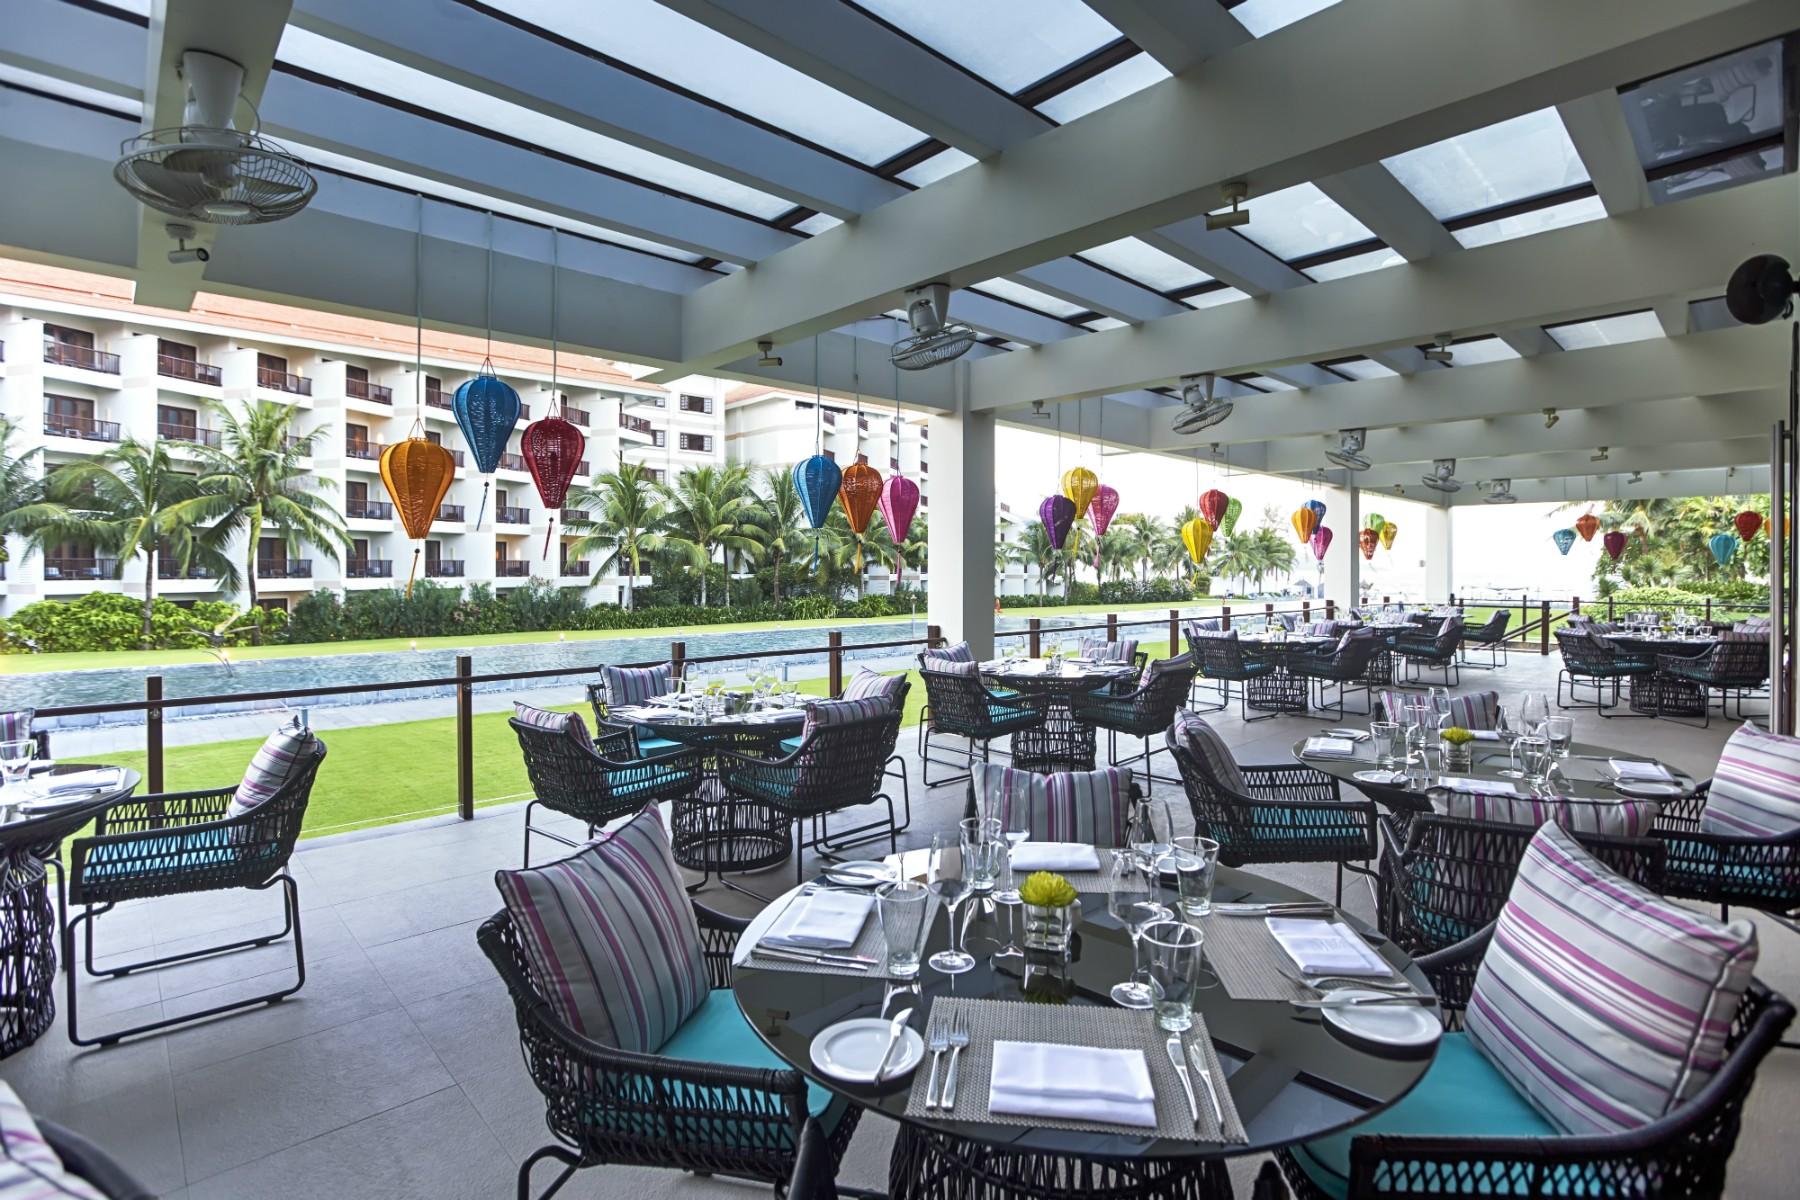 プルマンダナンのレストラン「エピス」のテラス席